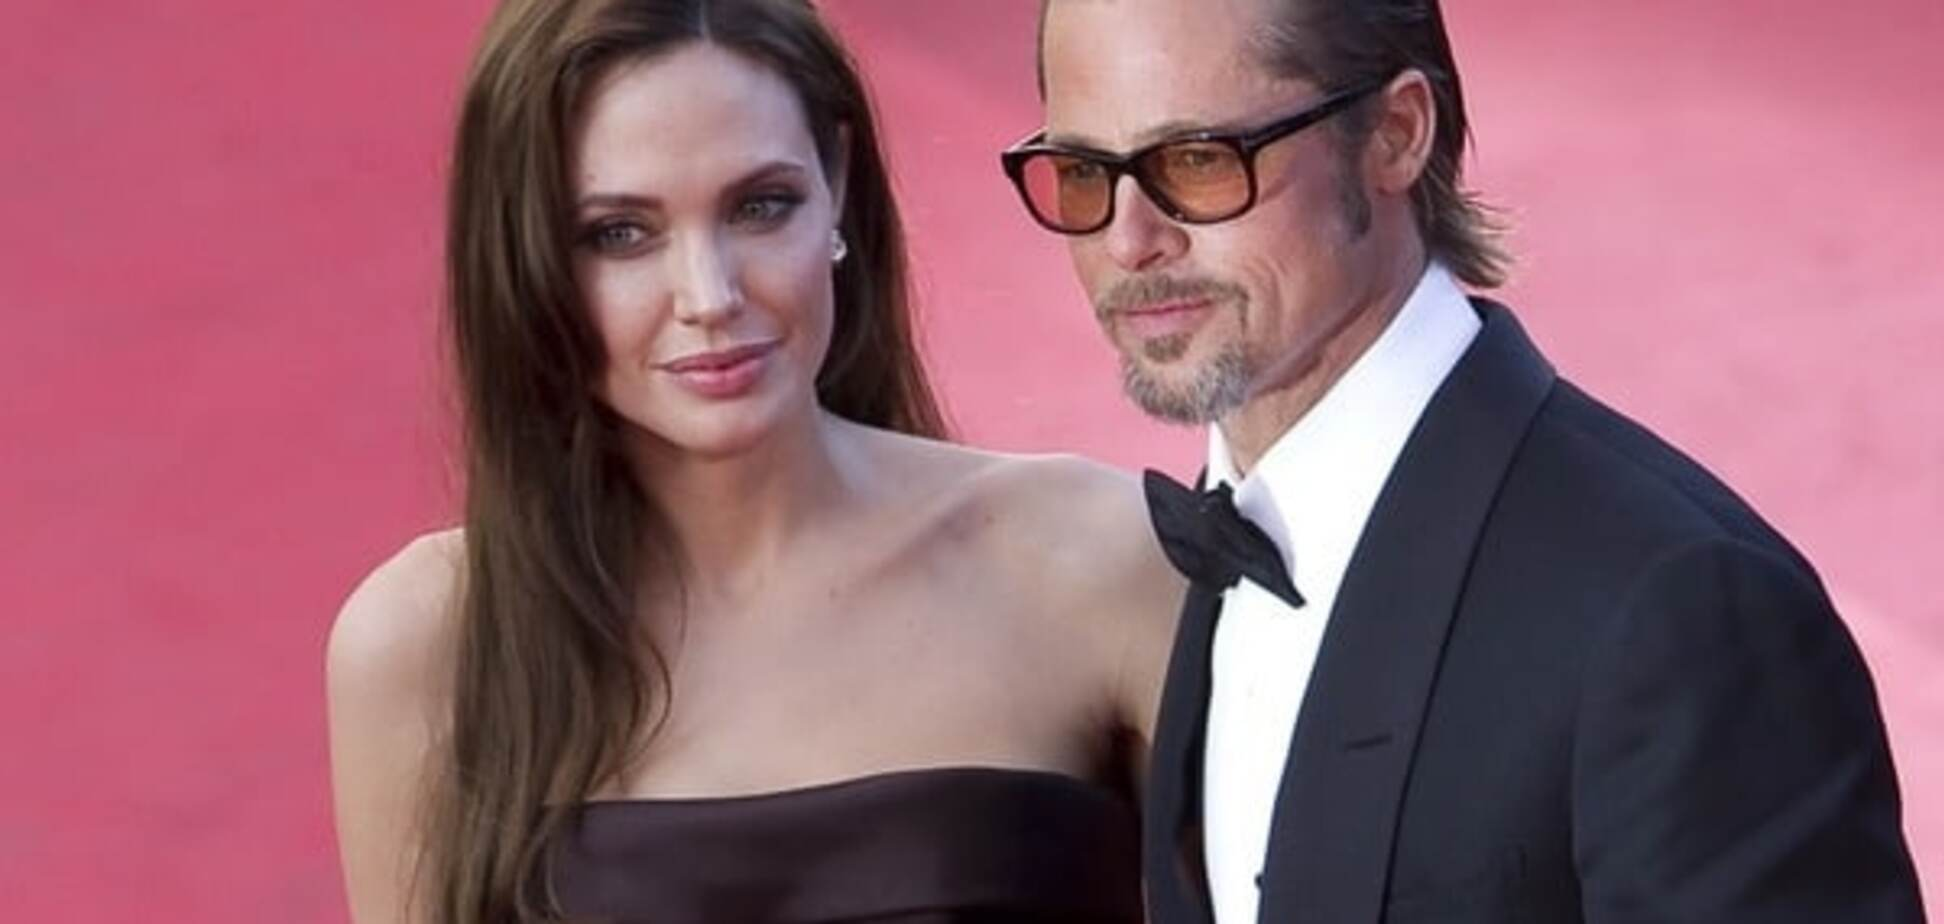 Анджеліна Джолі подала на розлучення із Бредом Піттом